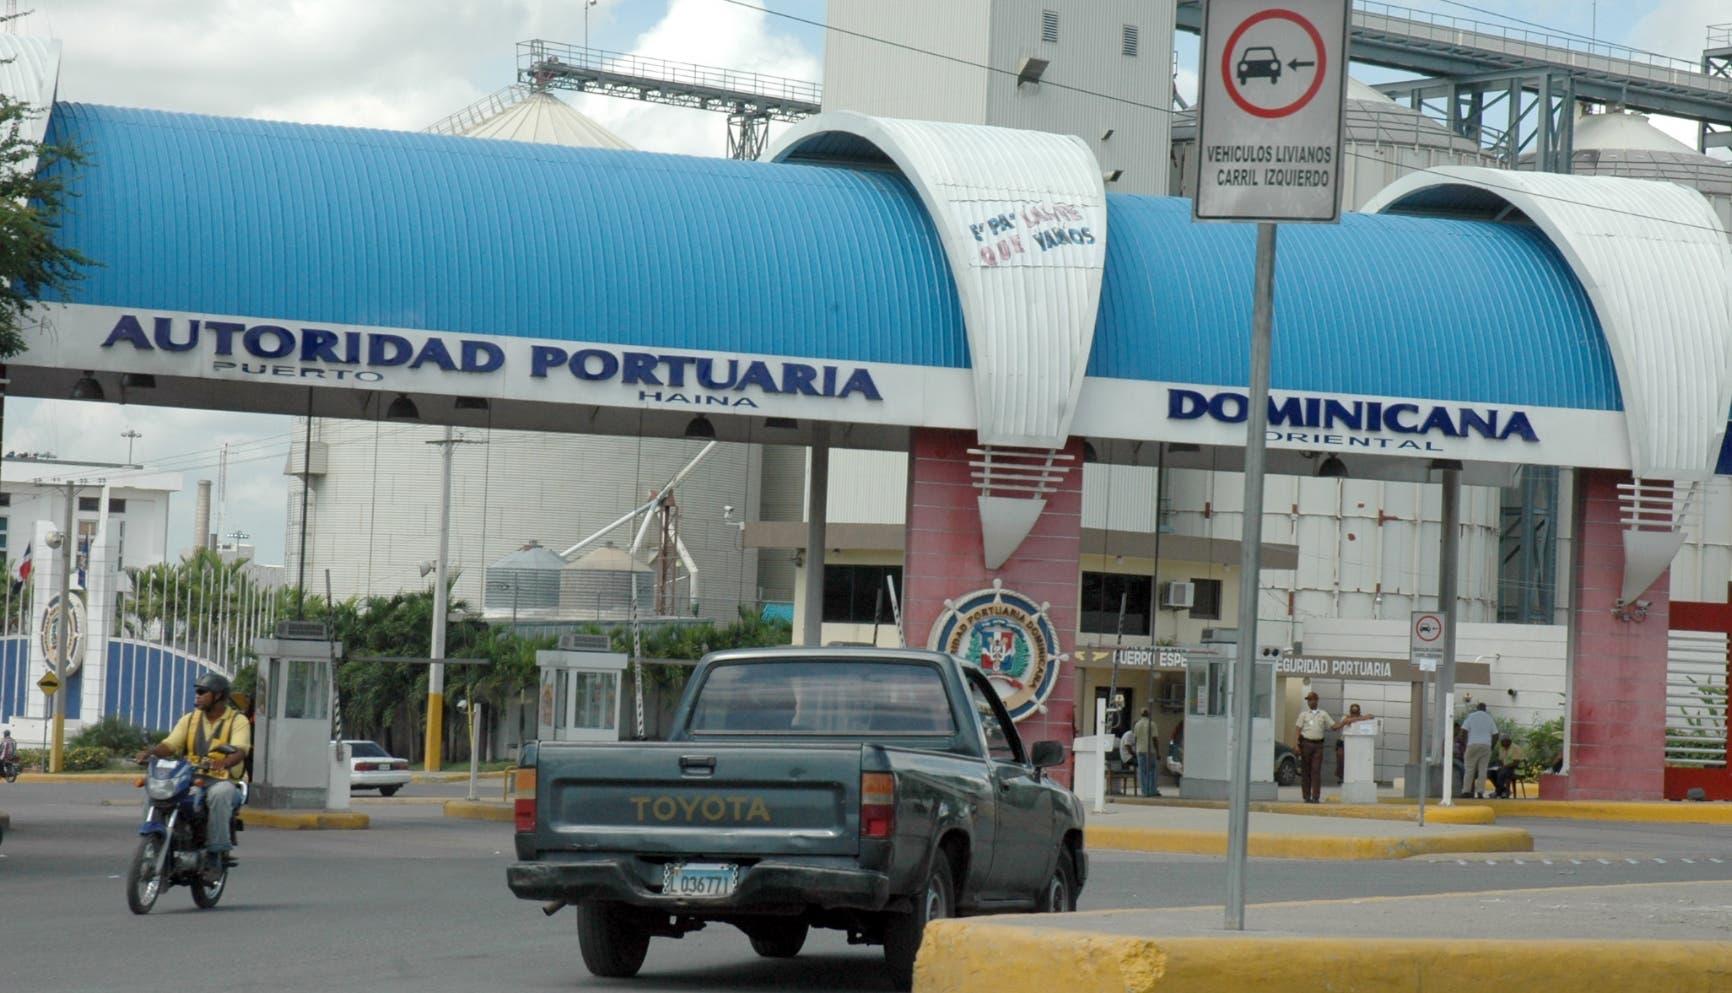 Autorídad Portuaría Domínícana, APORDOM